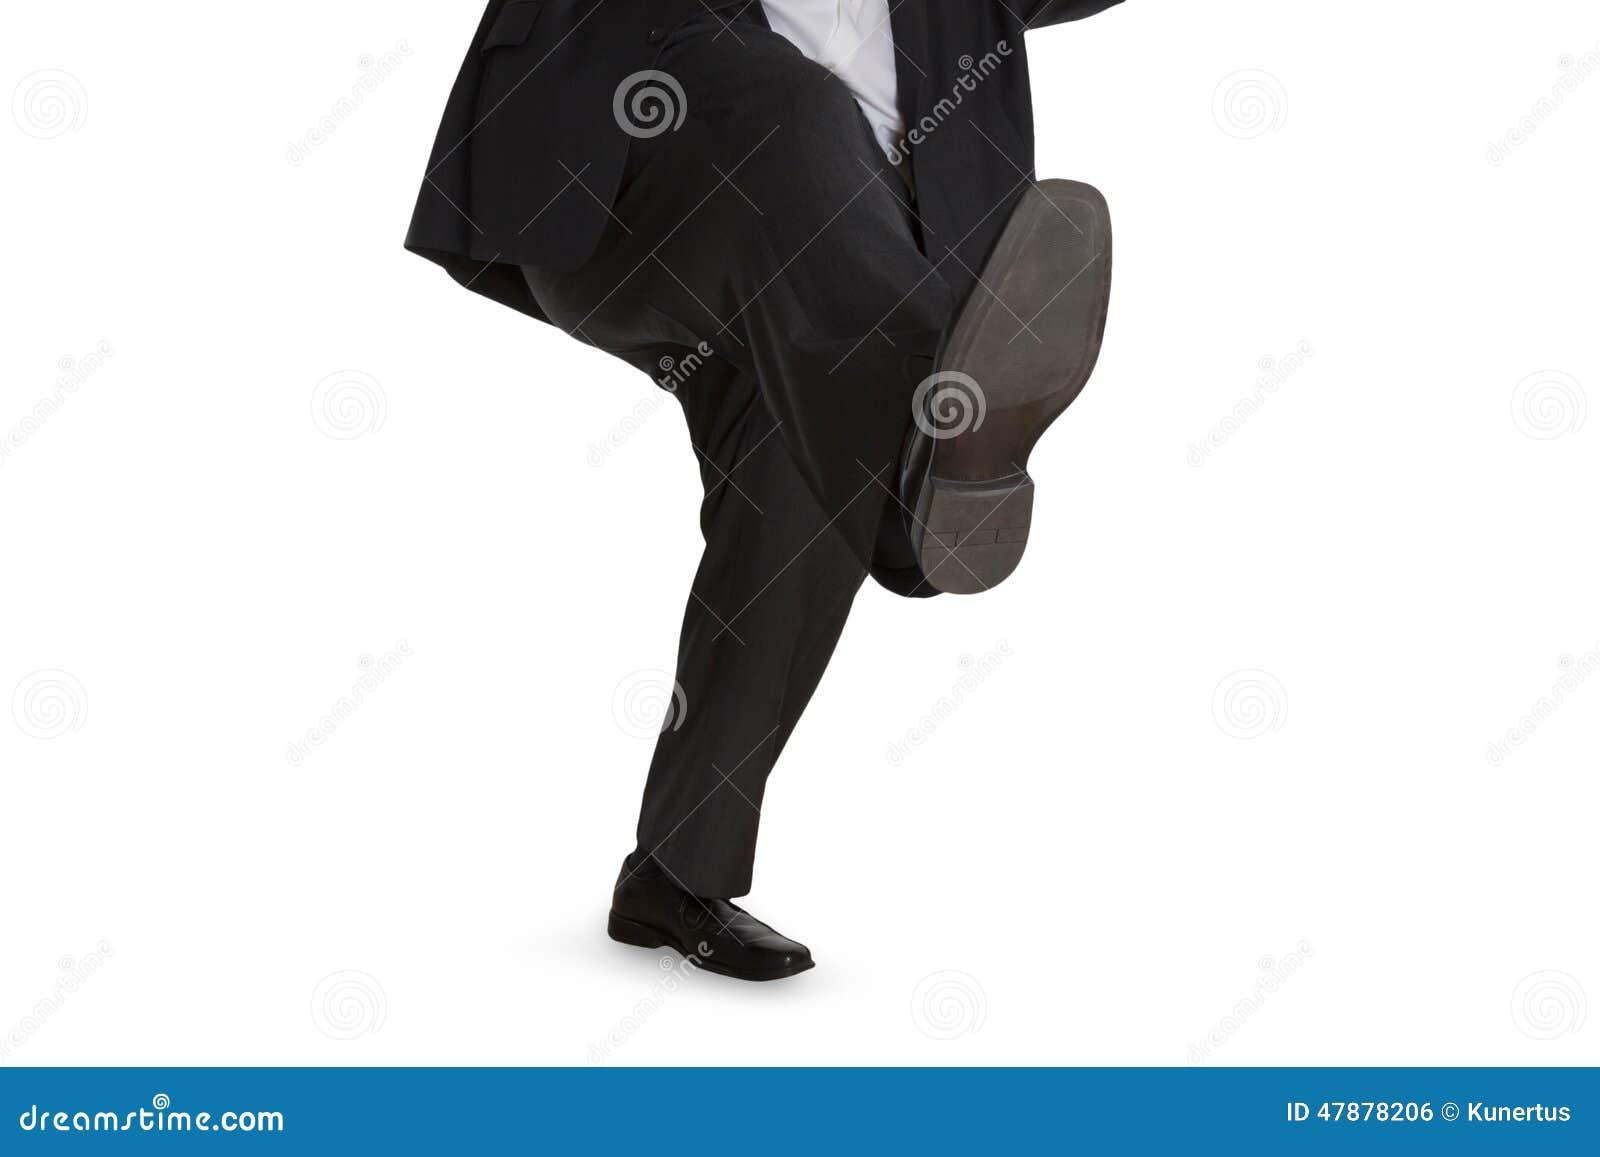 Mężczyzna wśliznie na mokrej podłoga w kostiumu